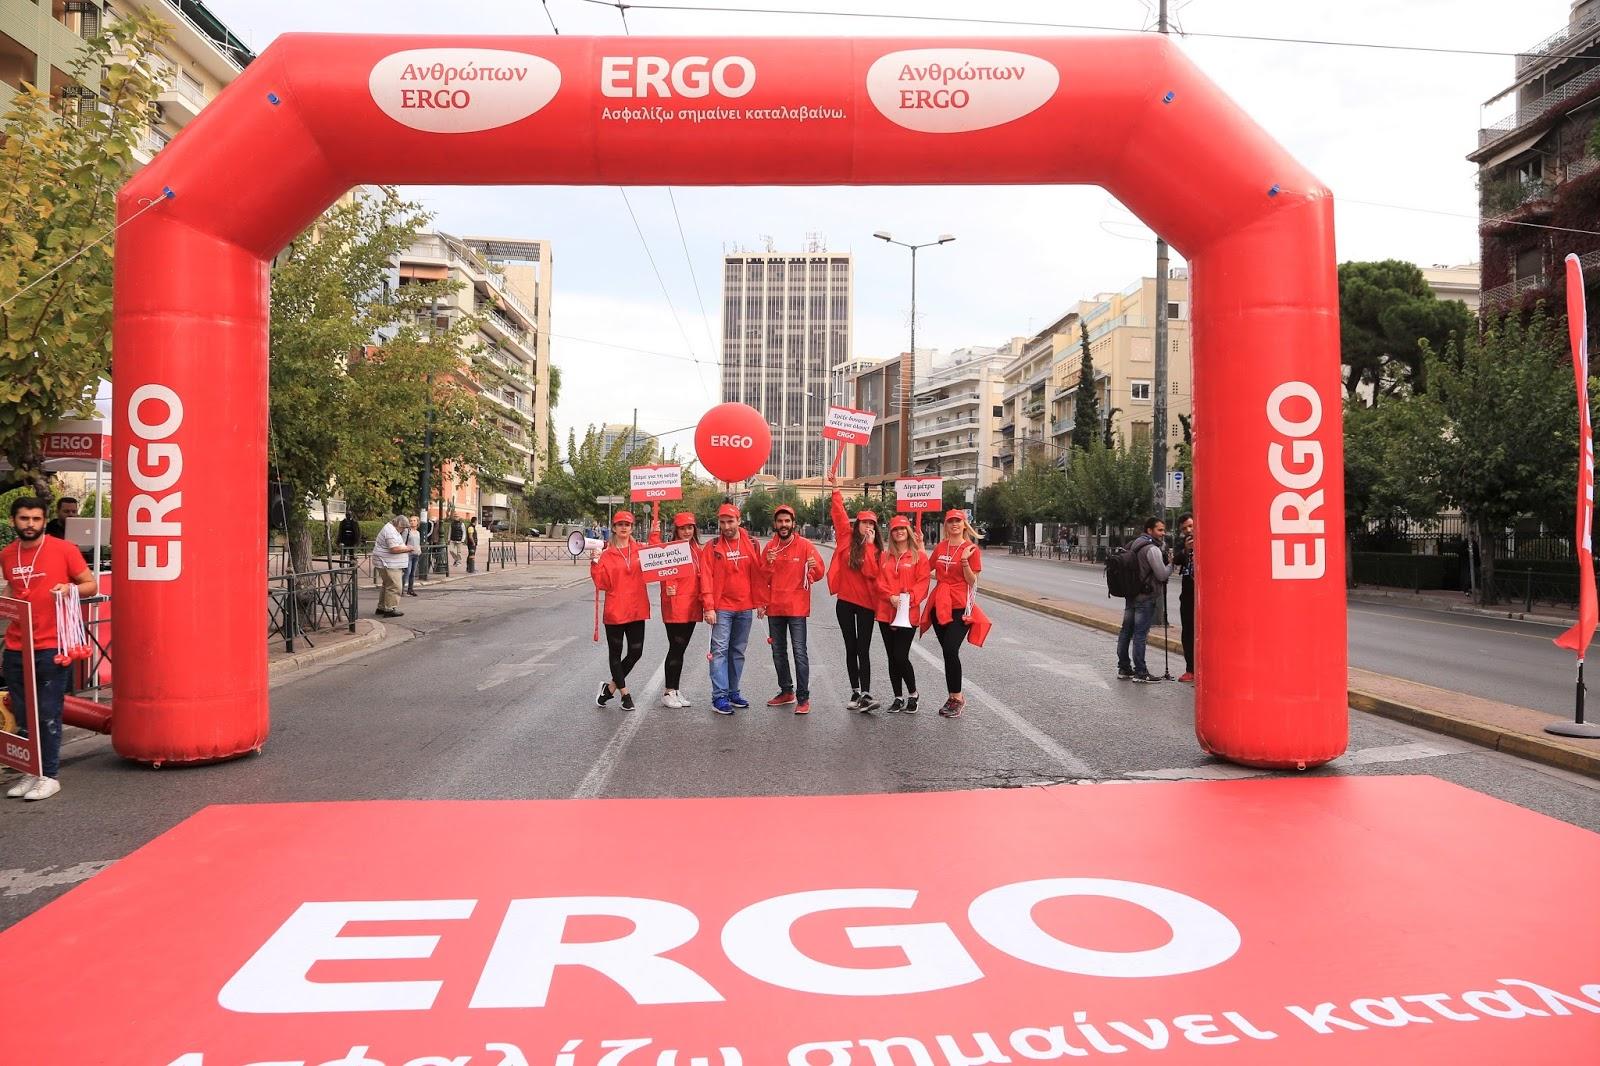 Πανηγυρικά έπεσε η αυλαία της ERGO Marathon Expo και του 35ου  Αυθεντικού Μαραθωνίου της Αθήνας